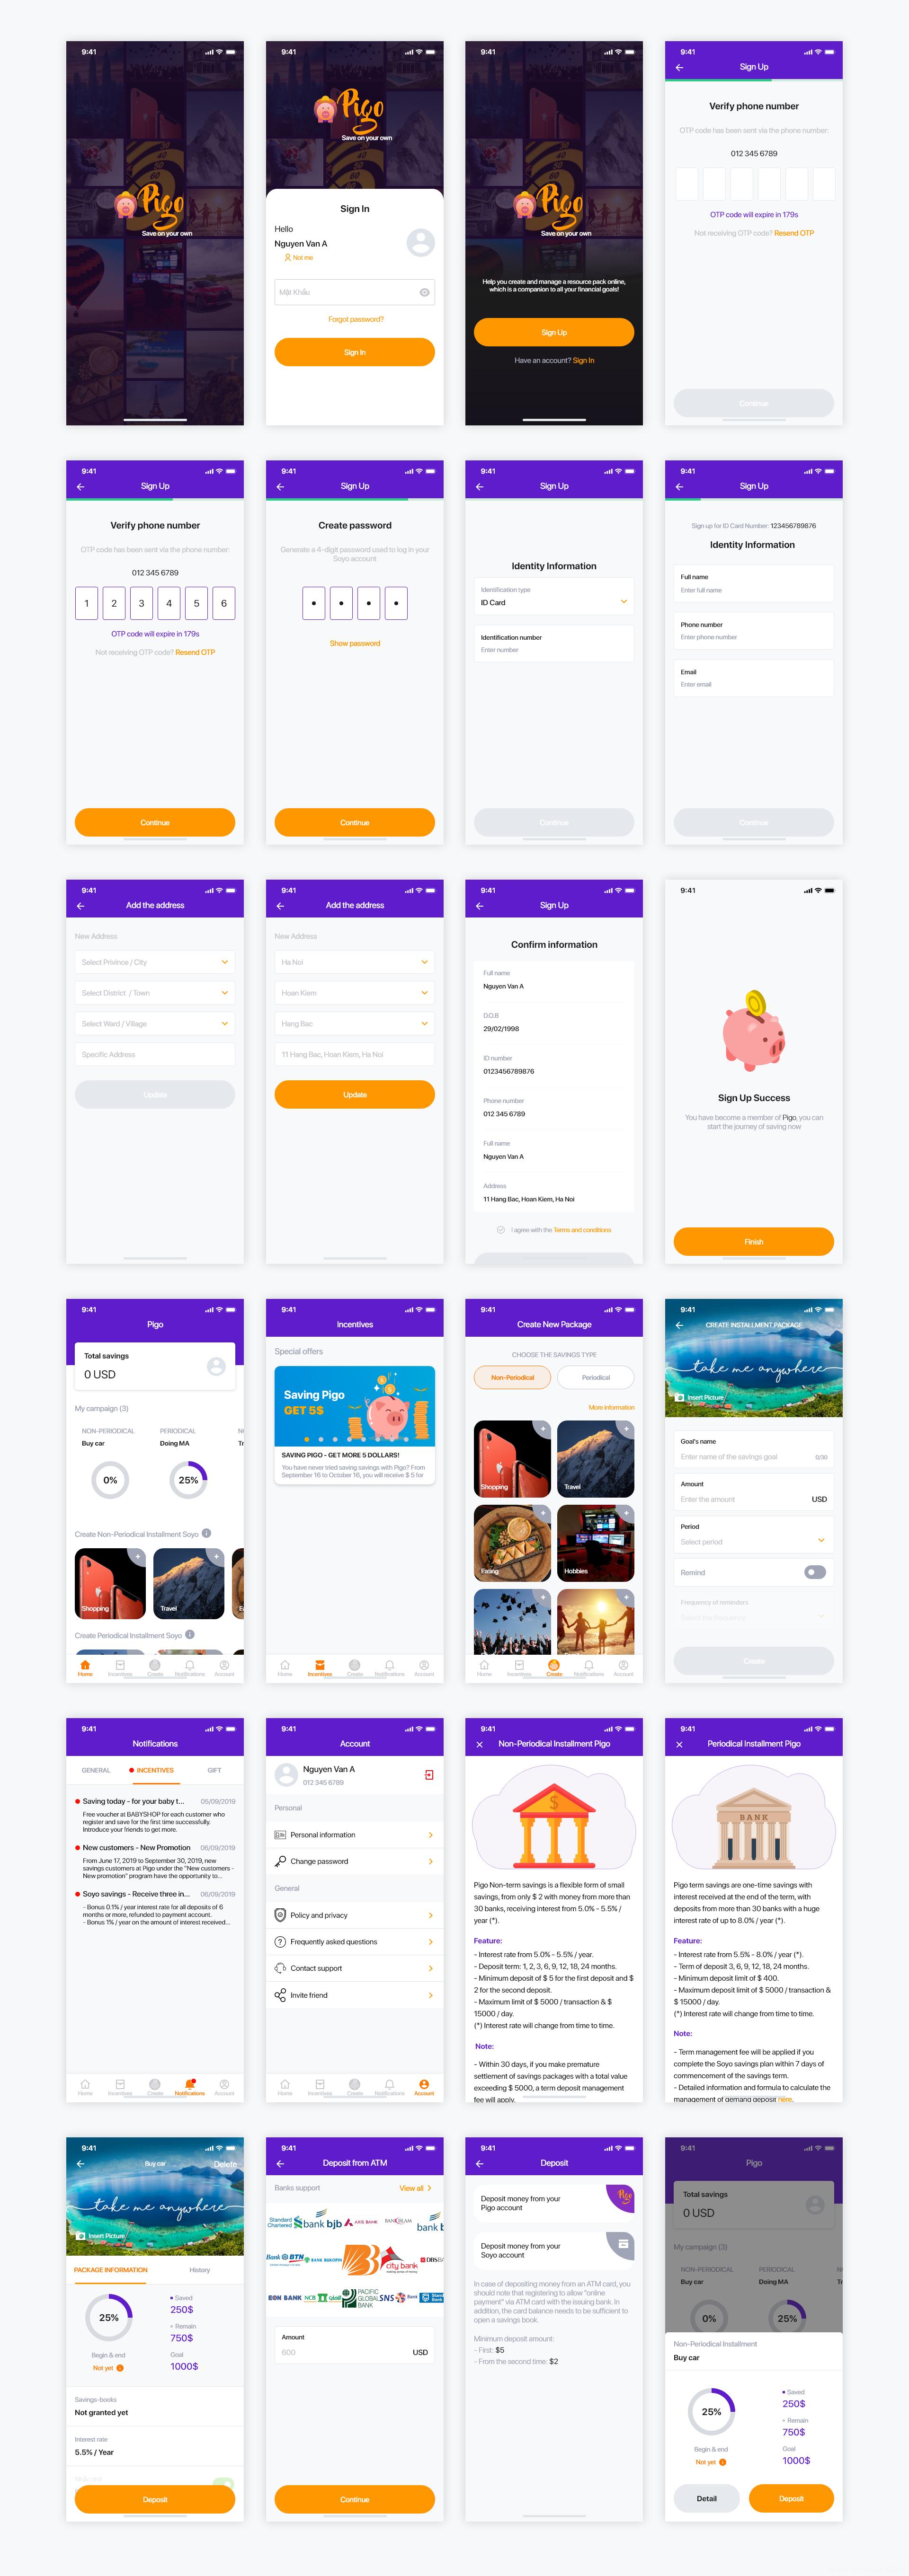 免费个人理财app ui 成套模板 .xd素材下载,UI素材下载,UI资源下载,UI源文件